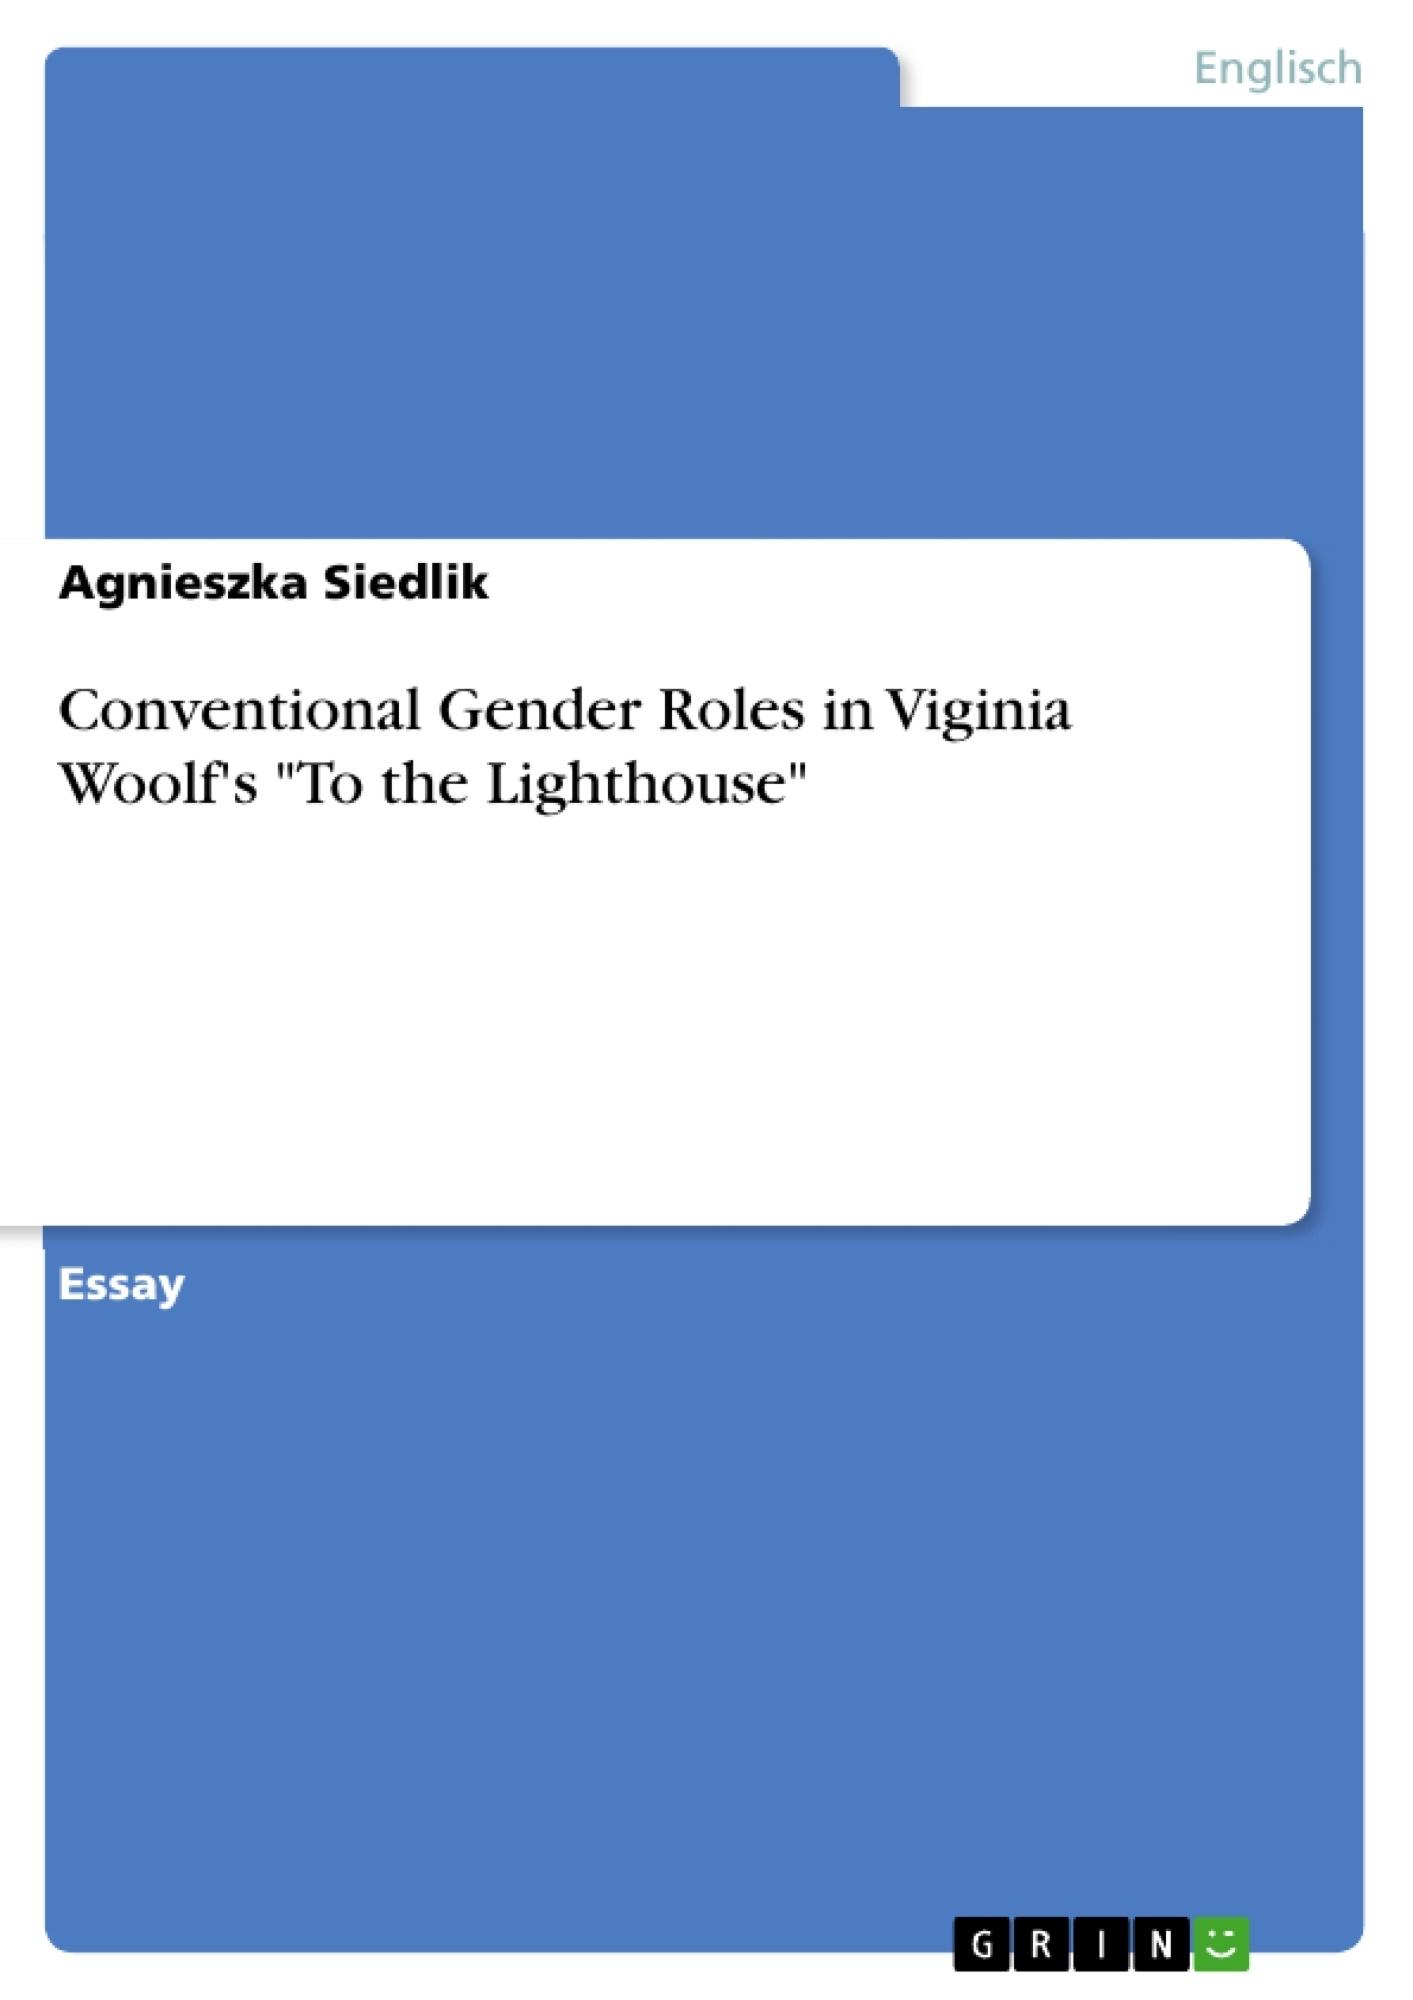 conventional gender roles in viginia woolf s to the lighthouse  laden sie ihre eigenen arbeiten hoch geld verdienen und iphone x gewinnen